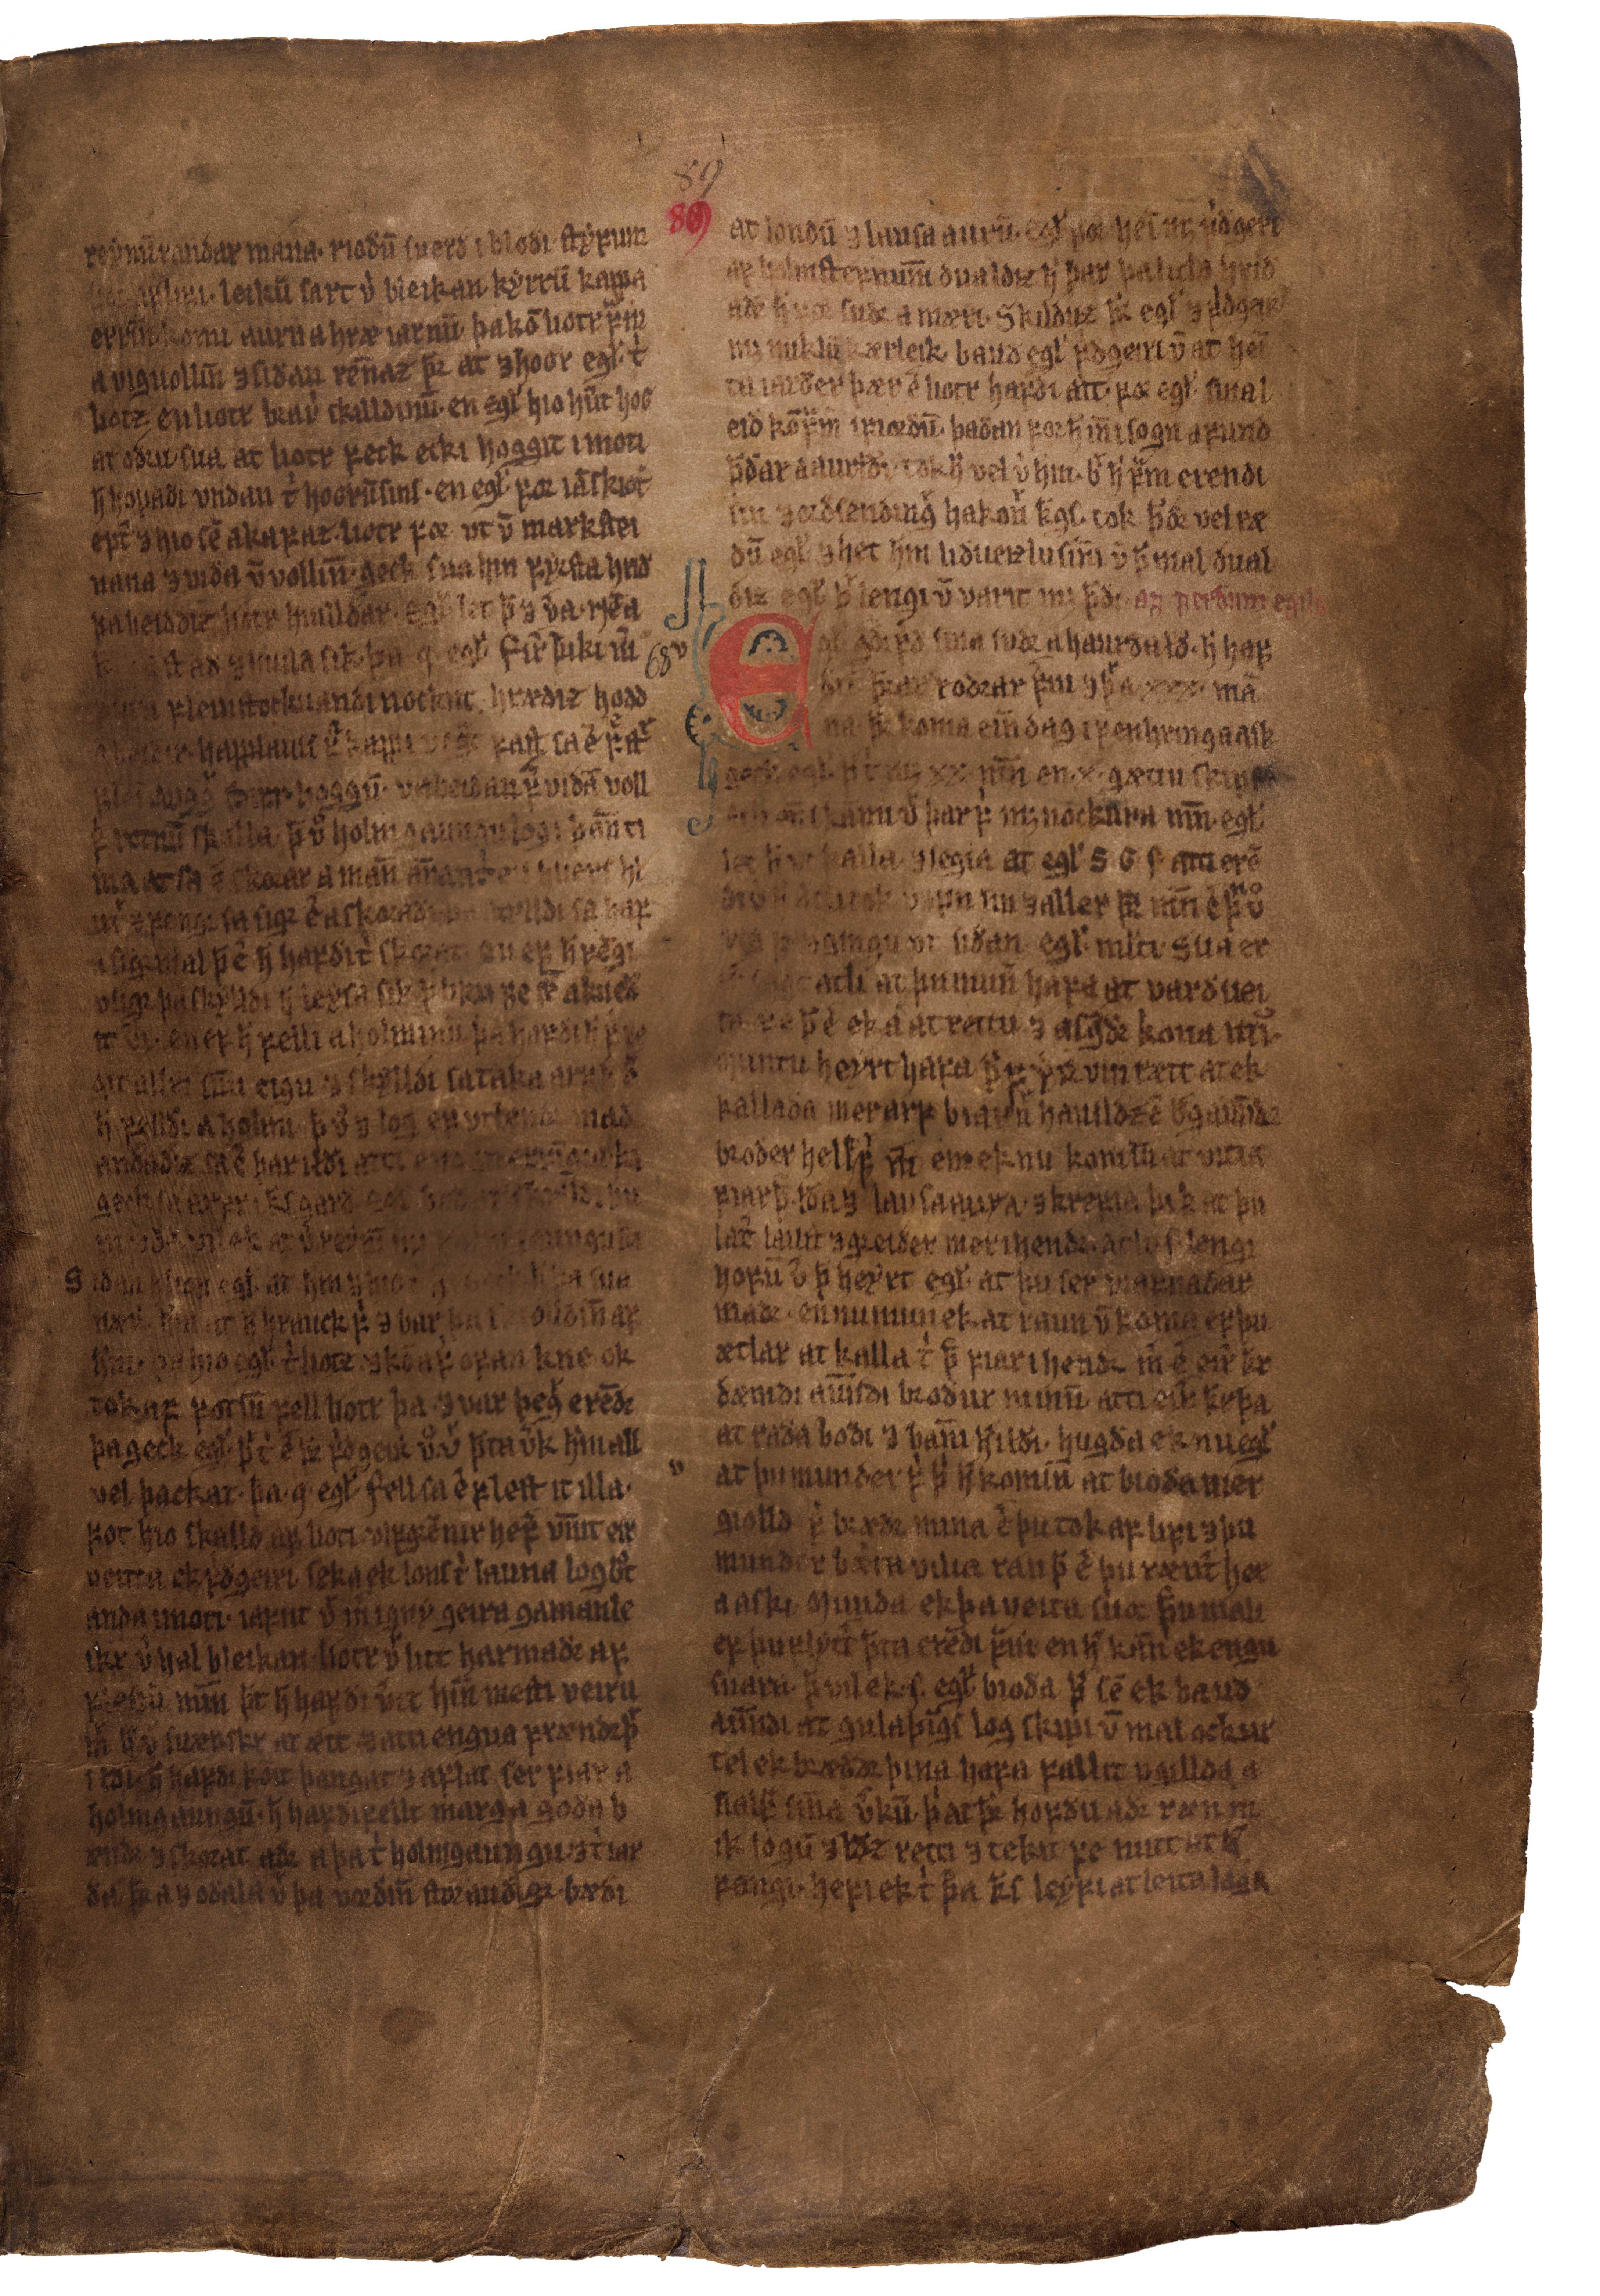 AM 132 fol - 89r